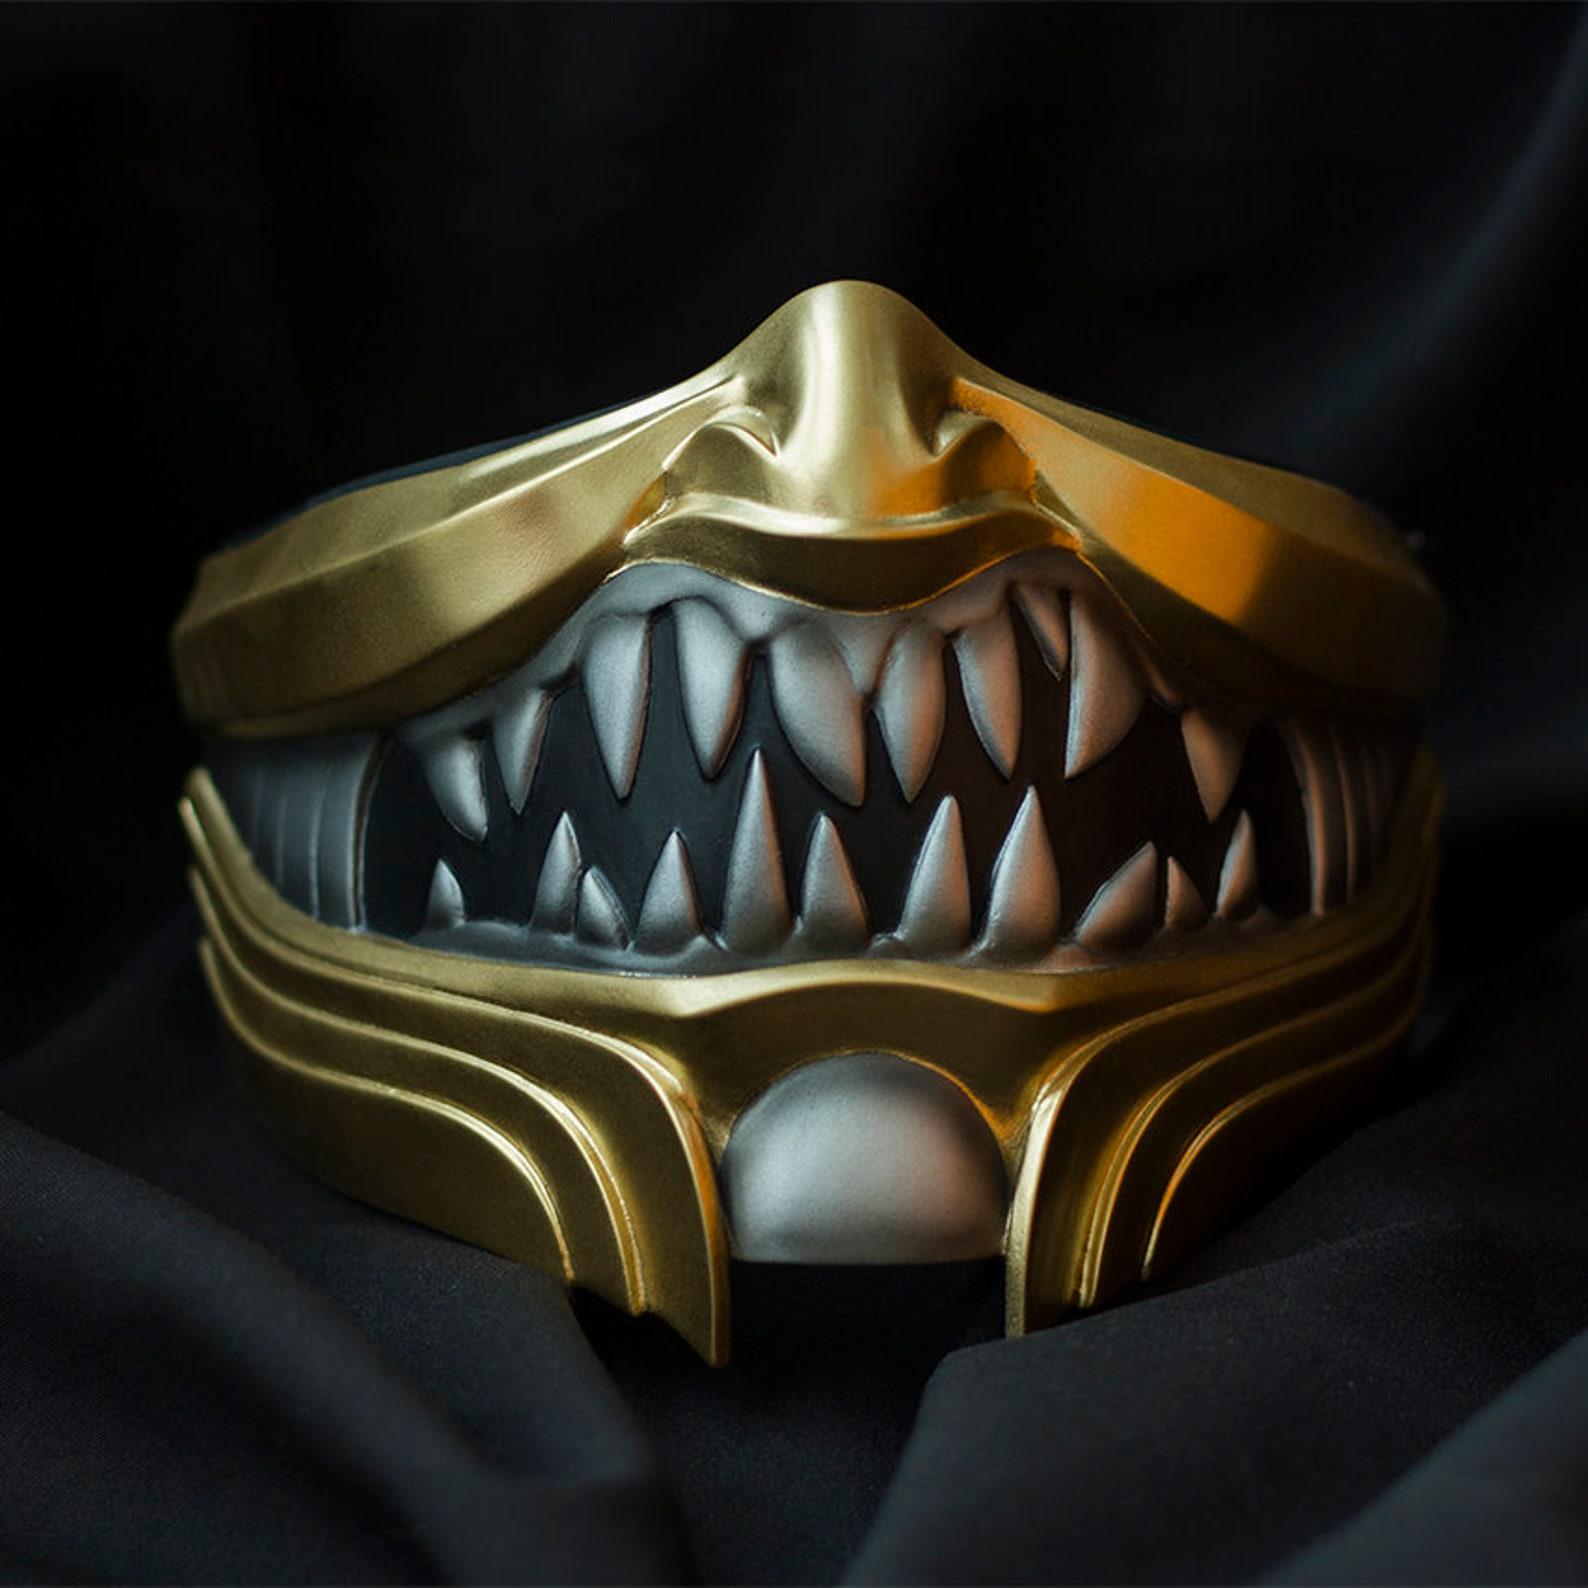 середина маски скорпиона фото приведены электрические схемы